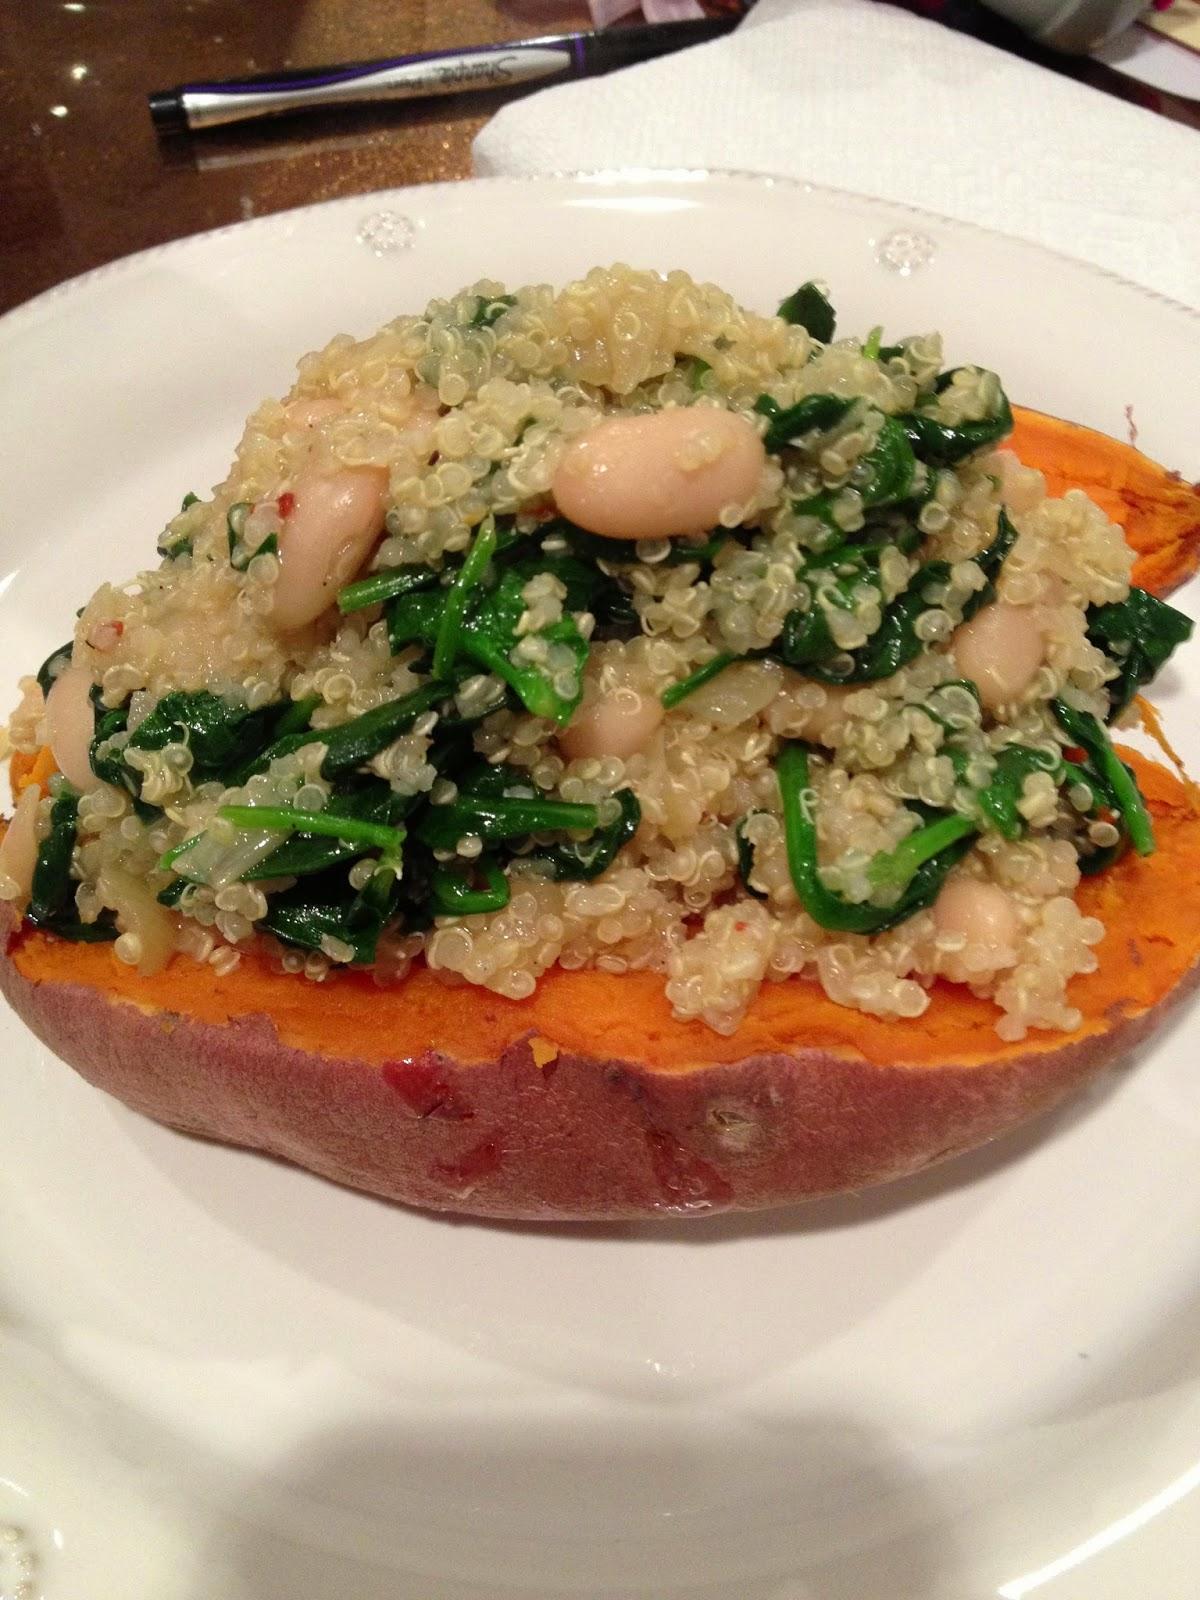 quinoa-stuffed-sweet-potatoes